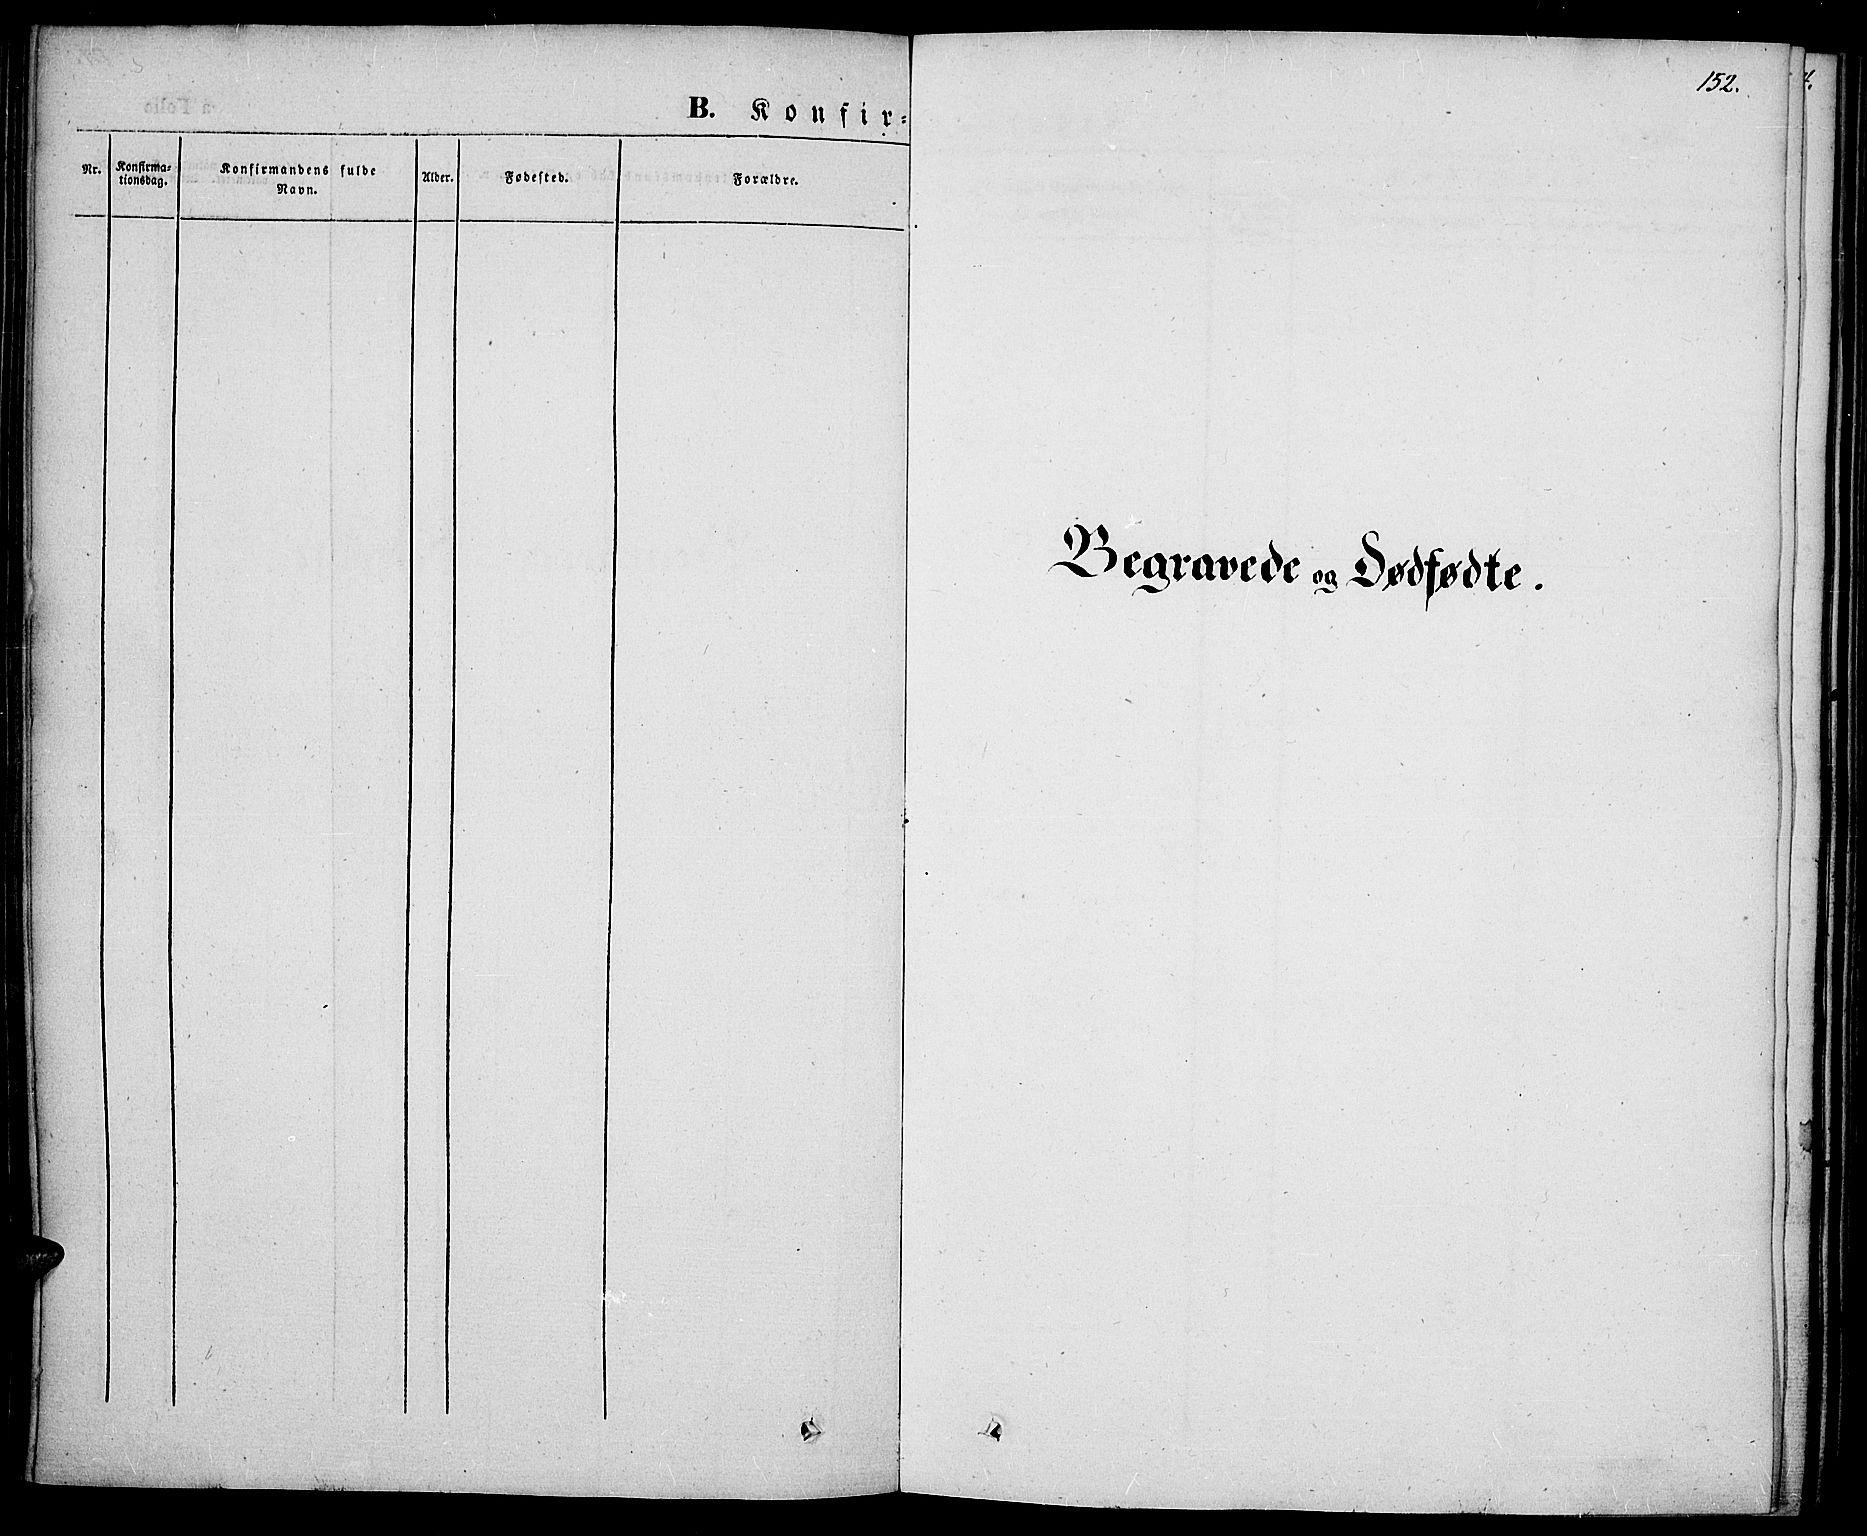 SAH, Vestre Toten prestekontor, Ministerialbok nr. 4, 1844-1849, s. 152